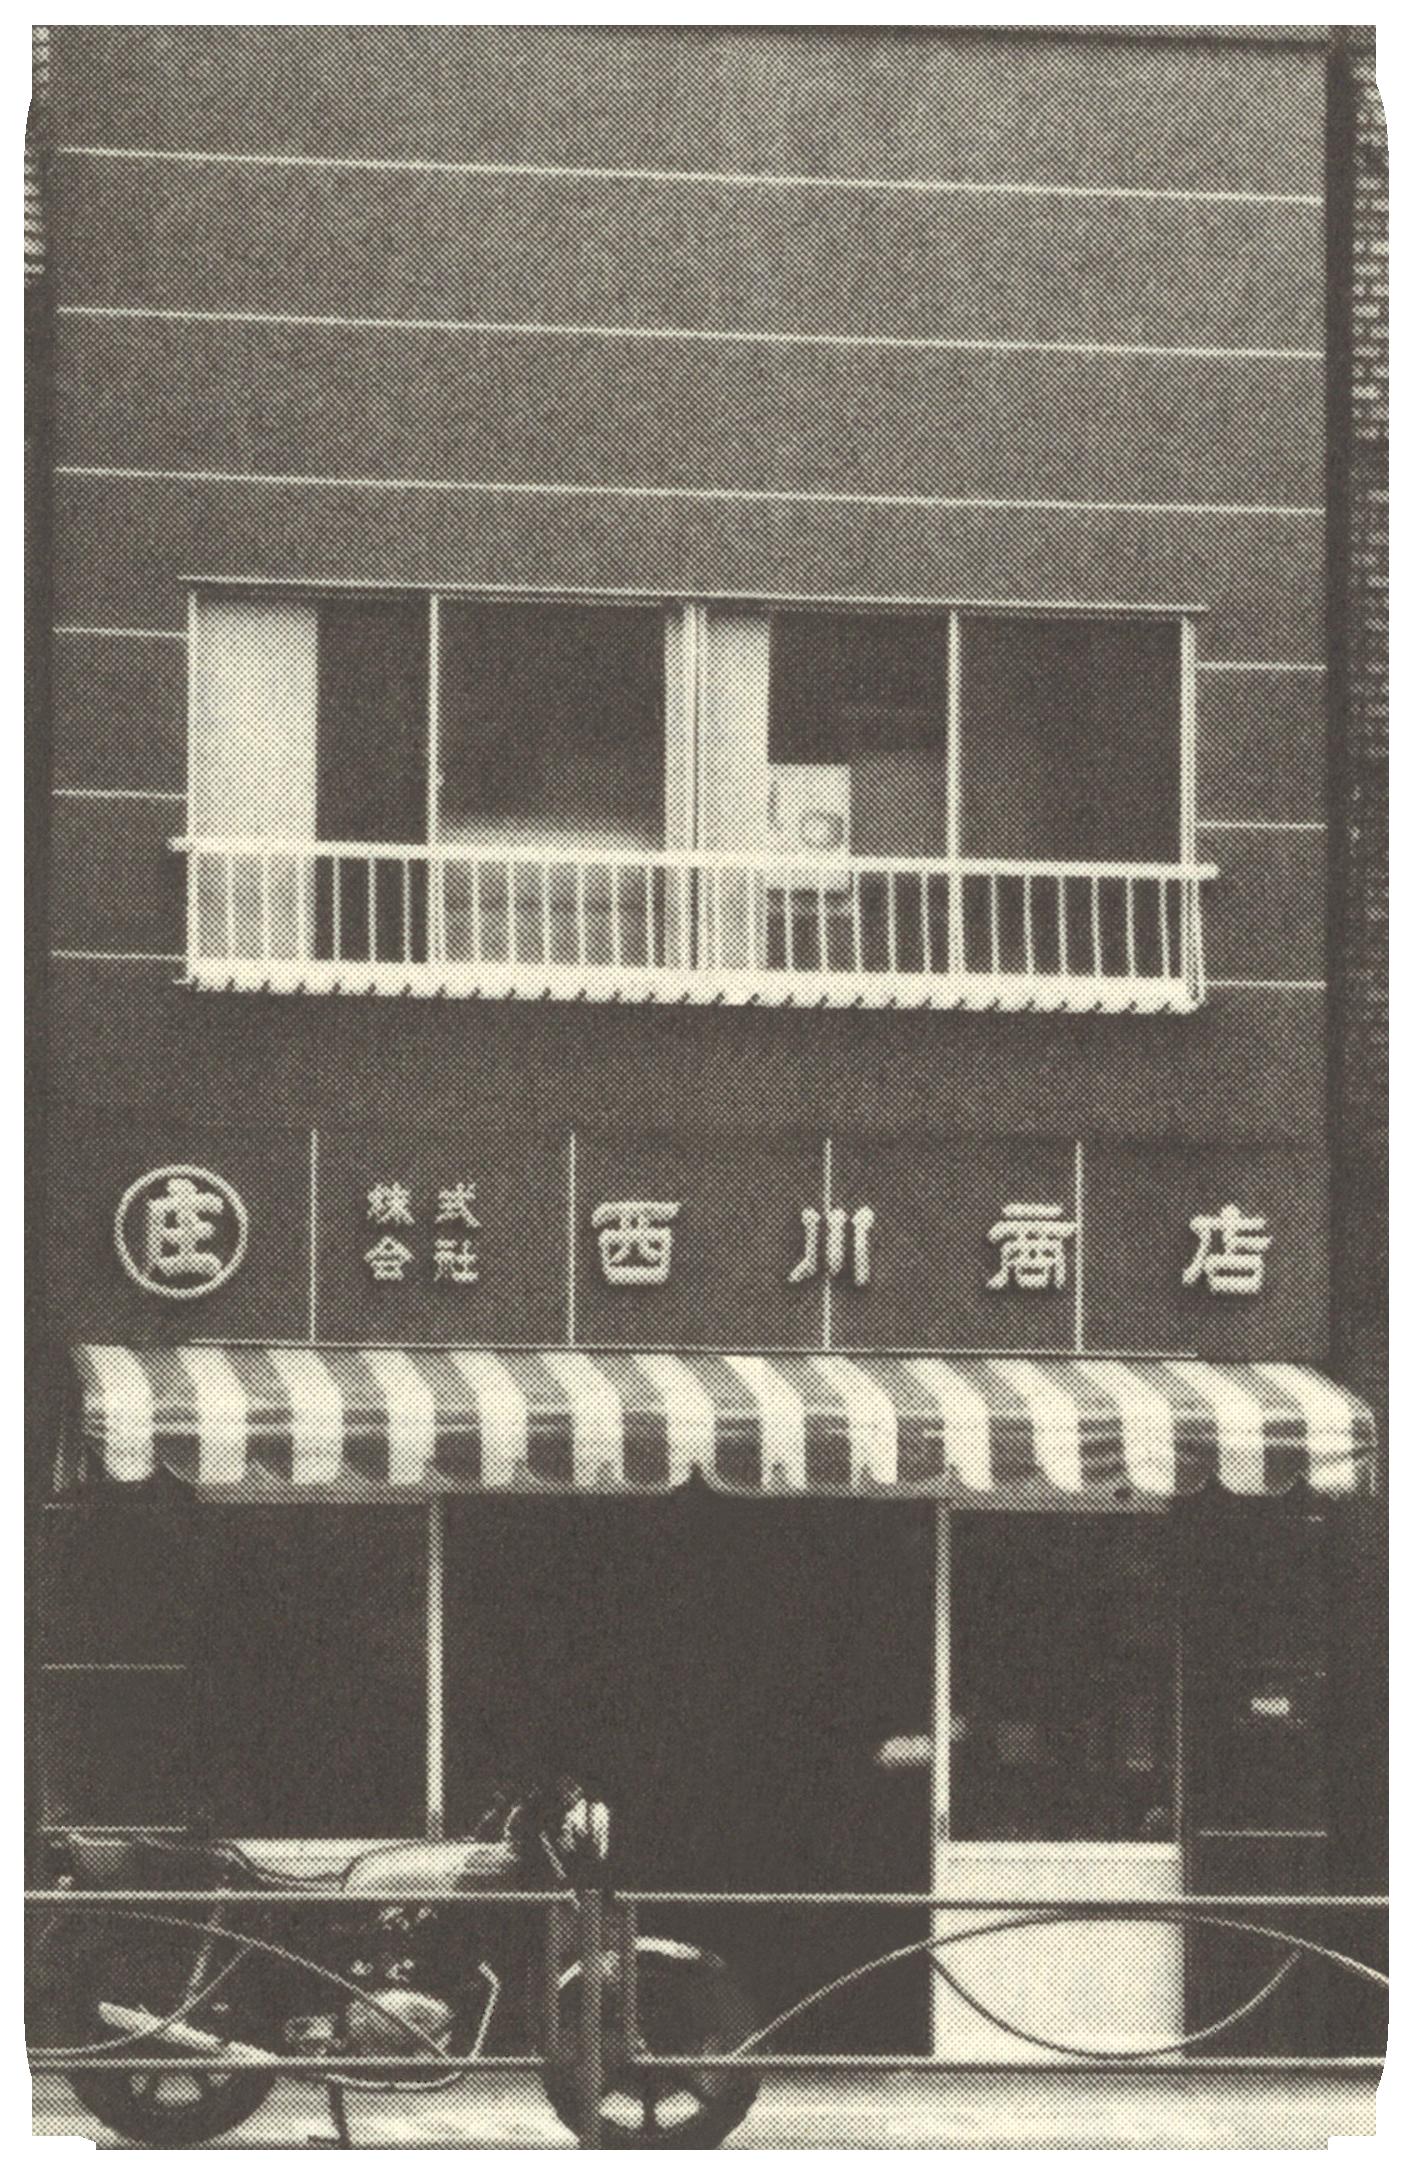 西川商店店舗外観